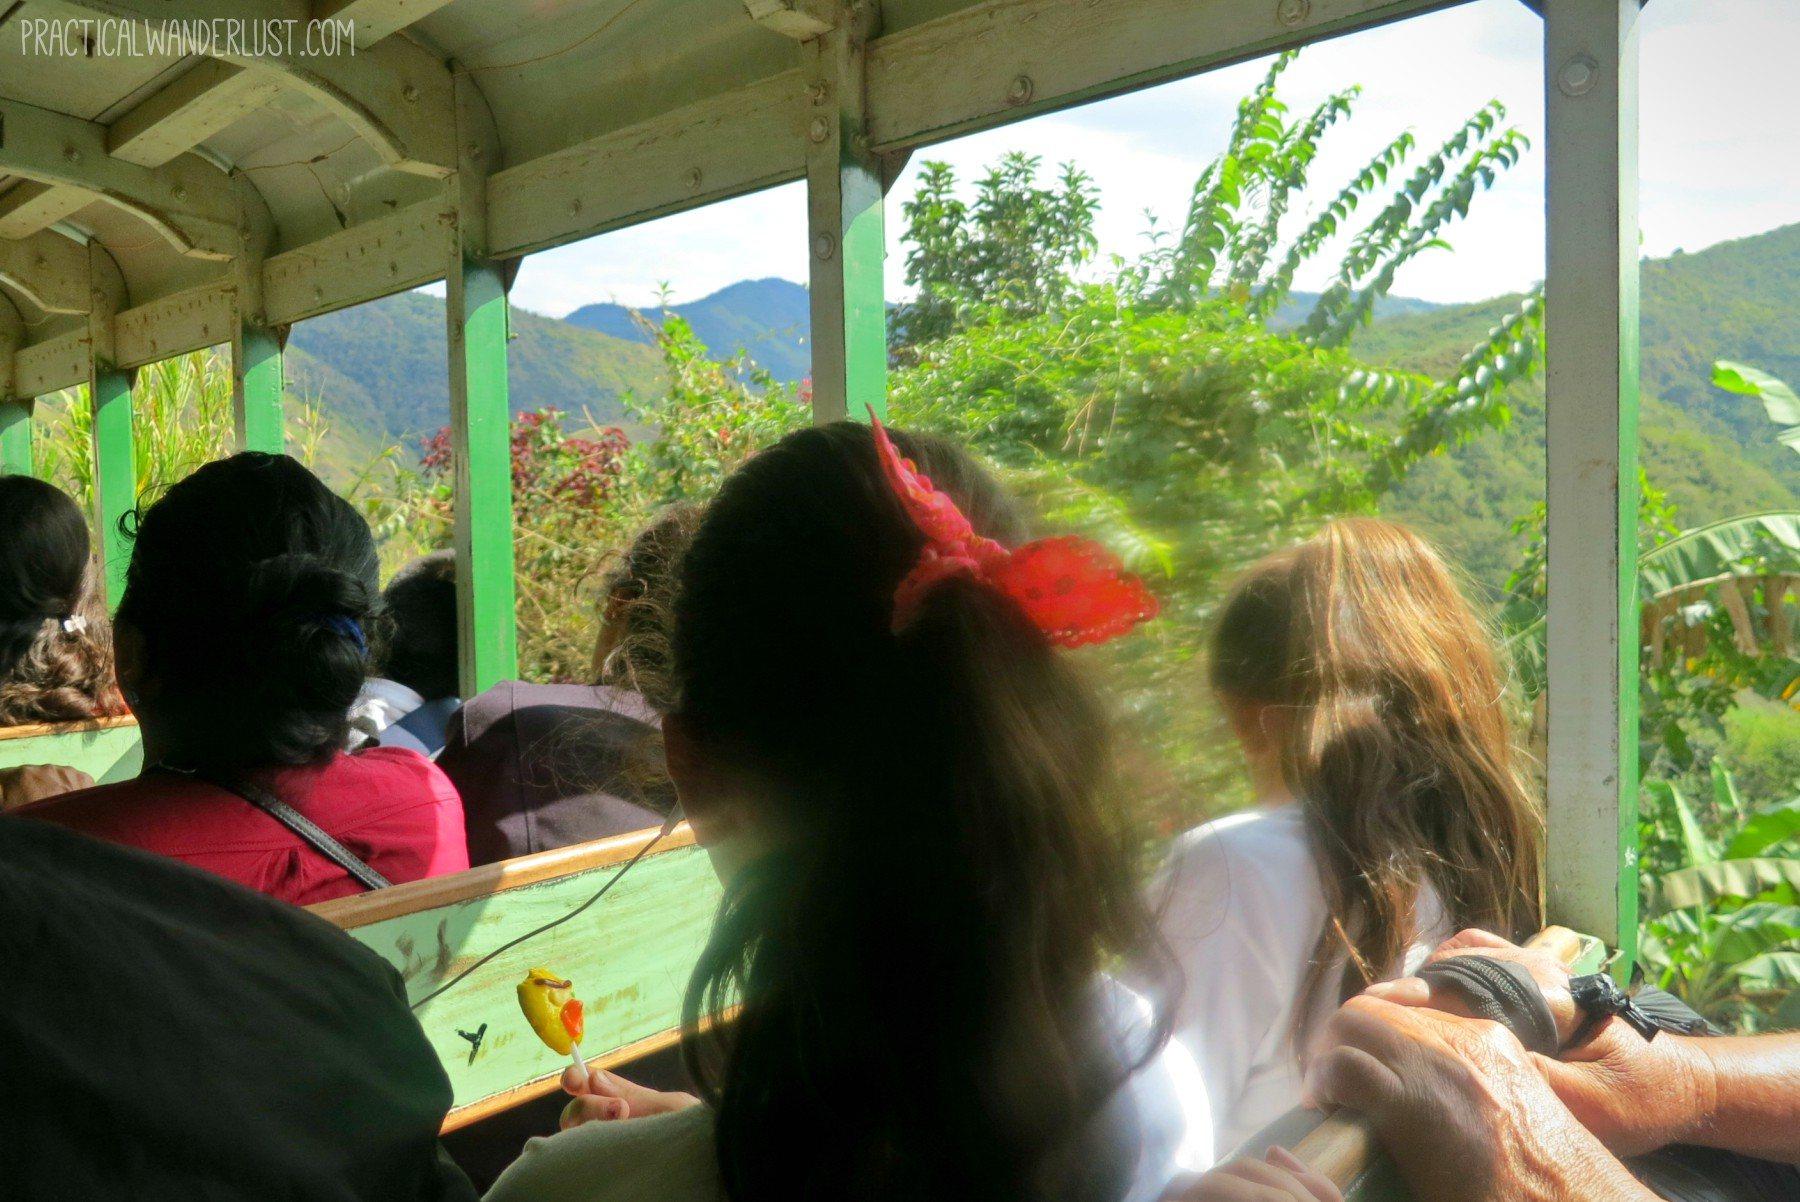 Bouncy Ranchero Ride from Ecuador to Peru via the La Balsa Border Crossing